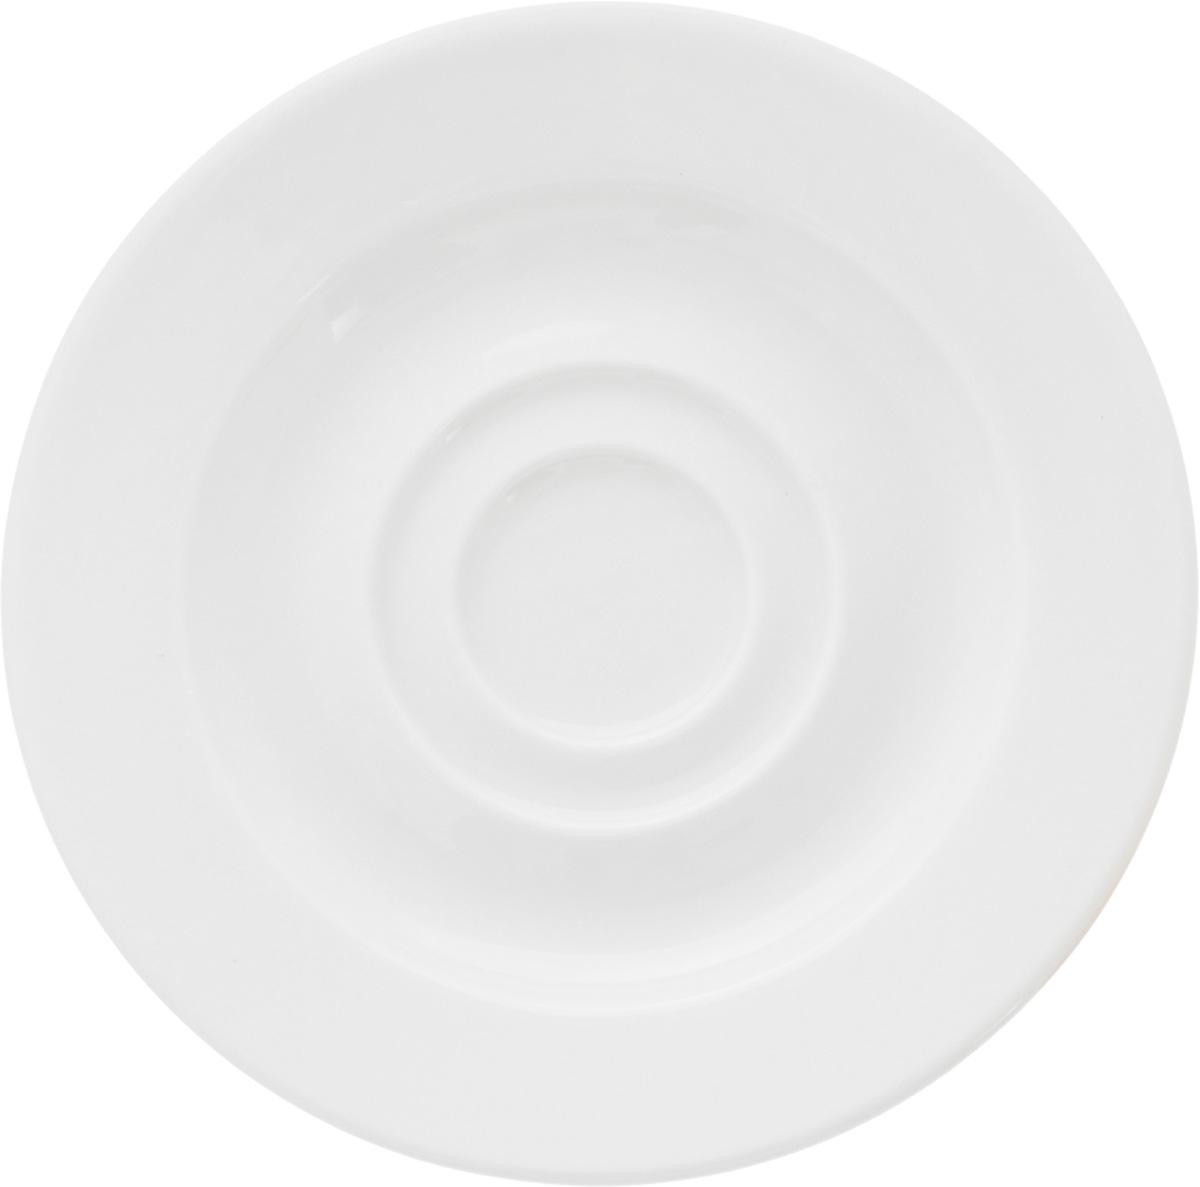 Блюдце Ariane Прайм, диаметр 12,5 см115510Оригинальное блюдце Ariane Прайм изготовлено из фарфора с глазурованным покрытием. Изделие сочетает в себе классический дизайн с максимальной функциональностью. Блюдце прекрасно впишется в интерьер вашей кухни и станет достойным дополнением к кухонному инвентарю. Можно мыть в посудомоечной машине и использовать в микроволновой печи.Диаметр блюдца (по верхнему краю): 12,5 см.Высота блюдца: 1,5 см.